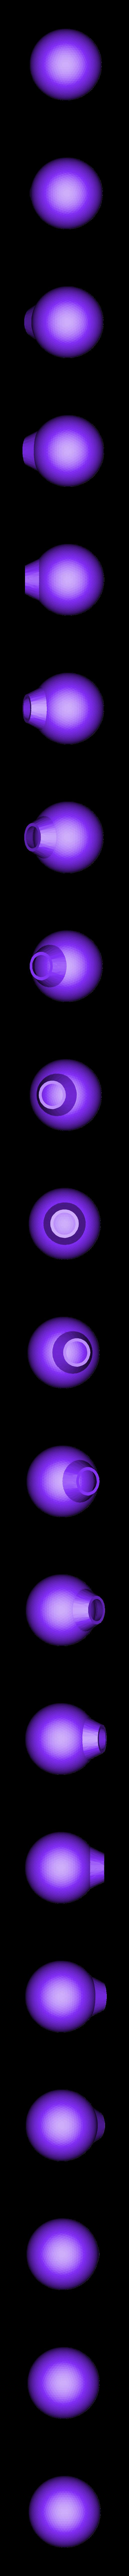 CosmoBulb.stl Télécharger fichier STL gratuit Cosmo-Bulb • Modèle à imprimer en 3D, Steedrick